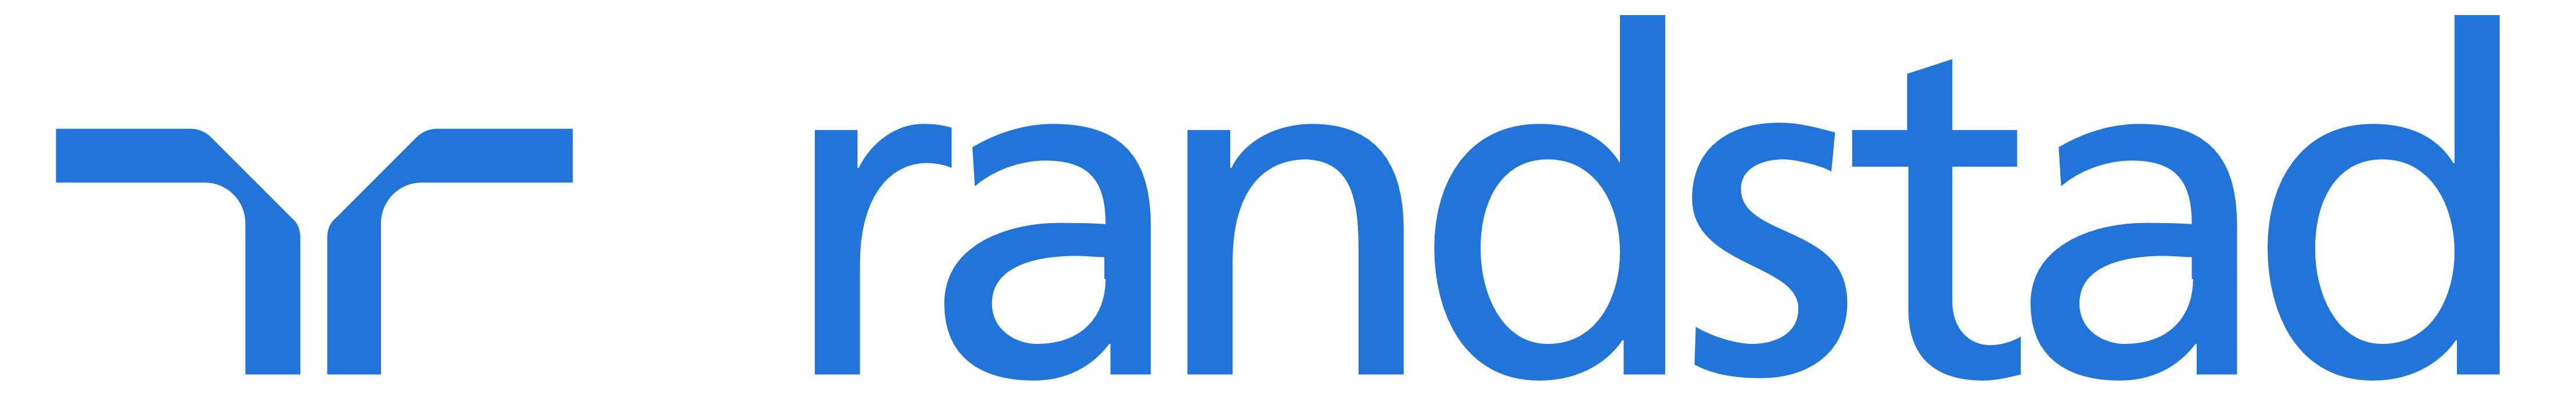 Randstad_logo-2